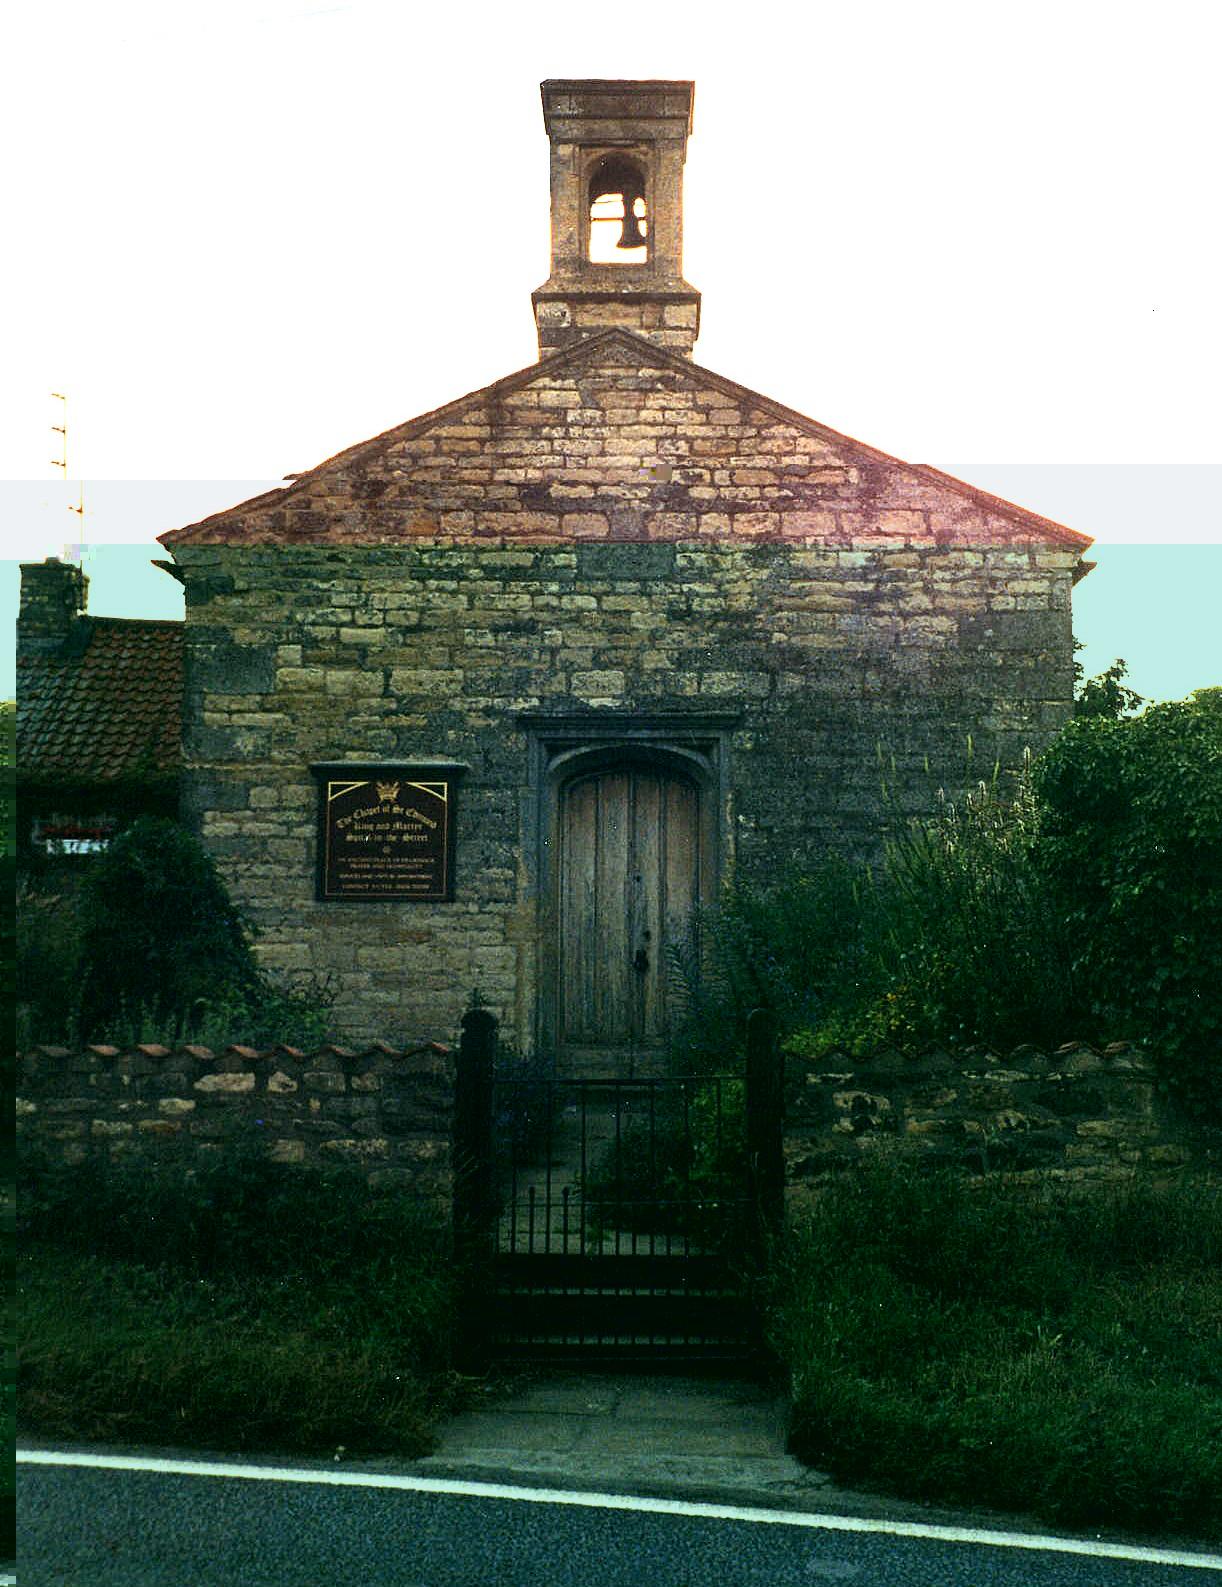 St. Edmund's chapel